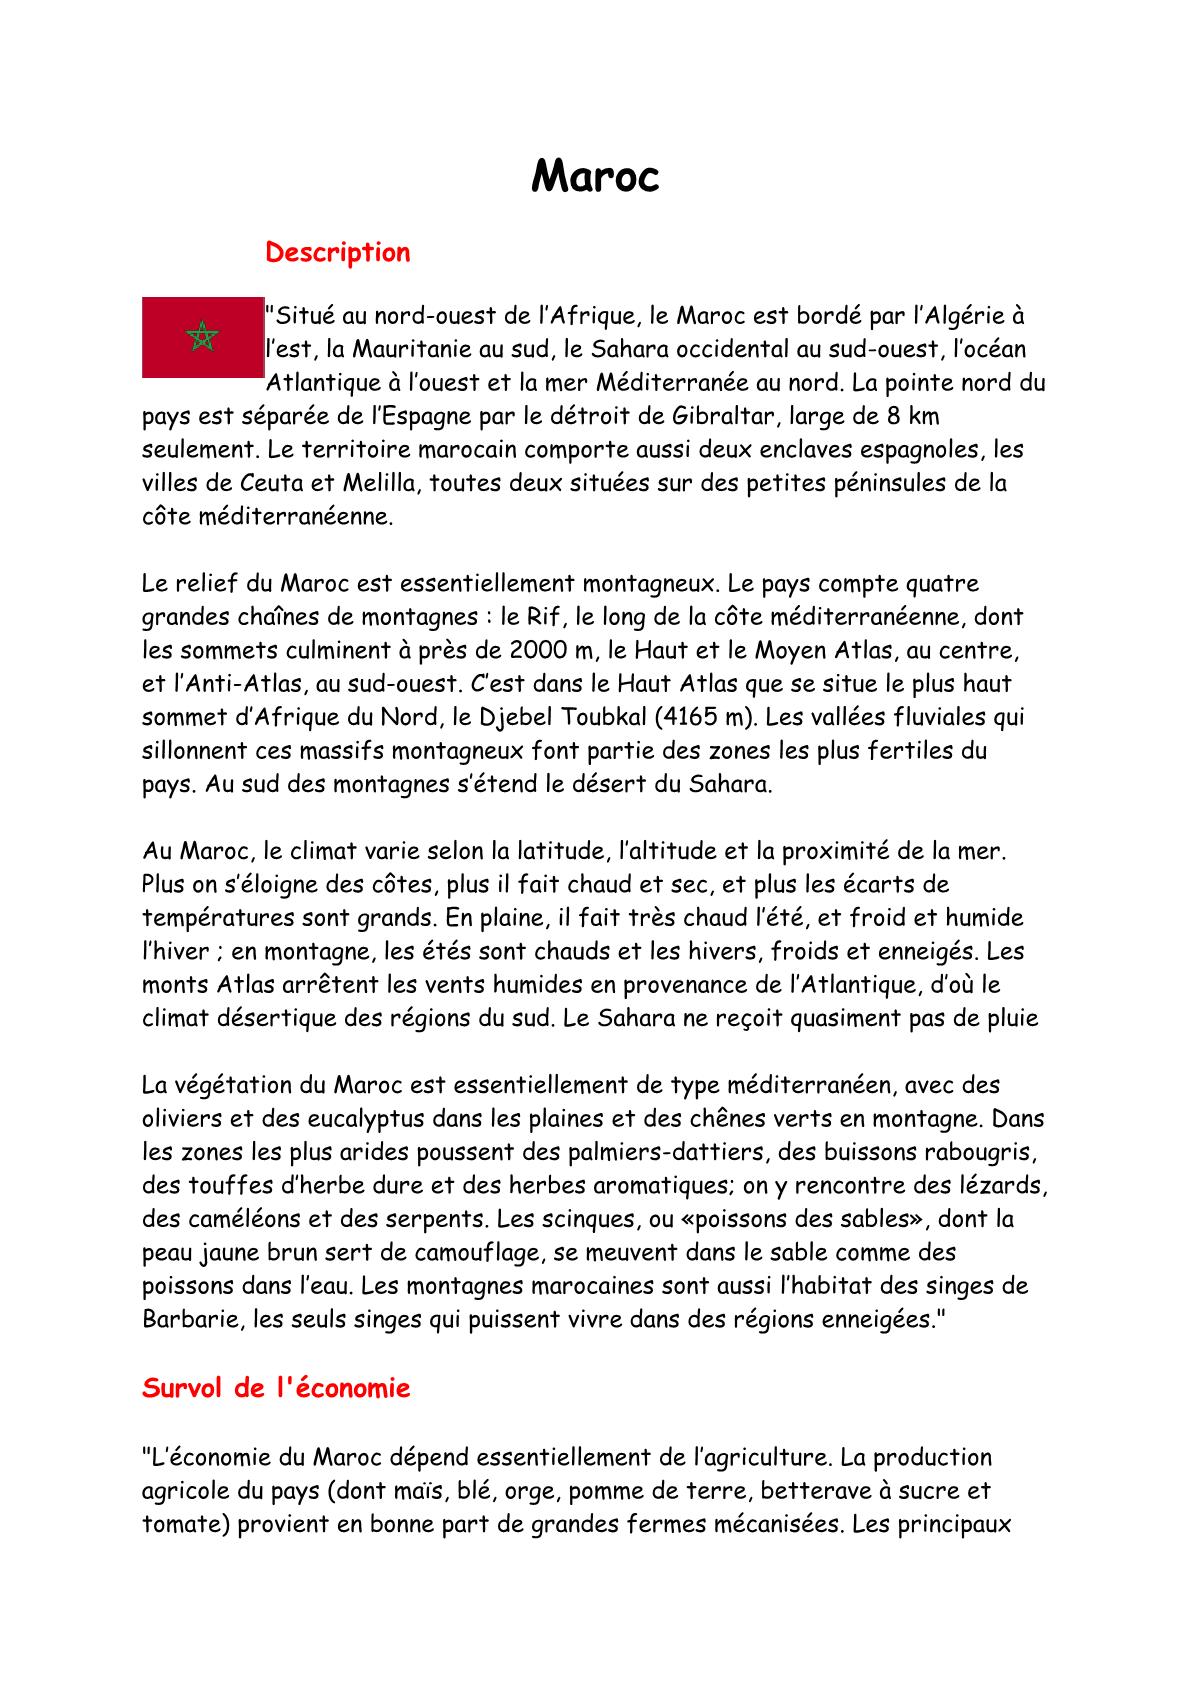 Expression écrite sur le Maroc